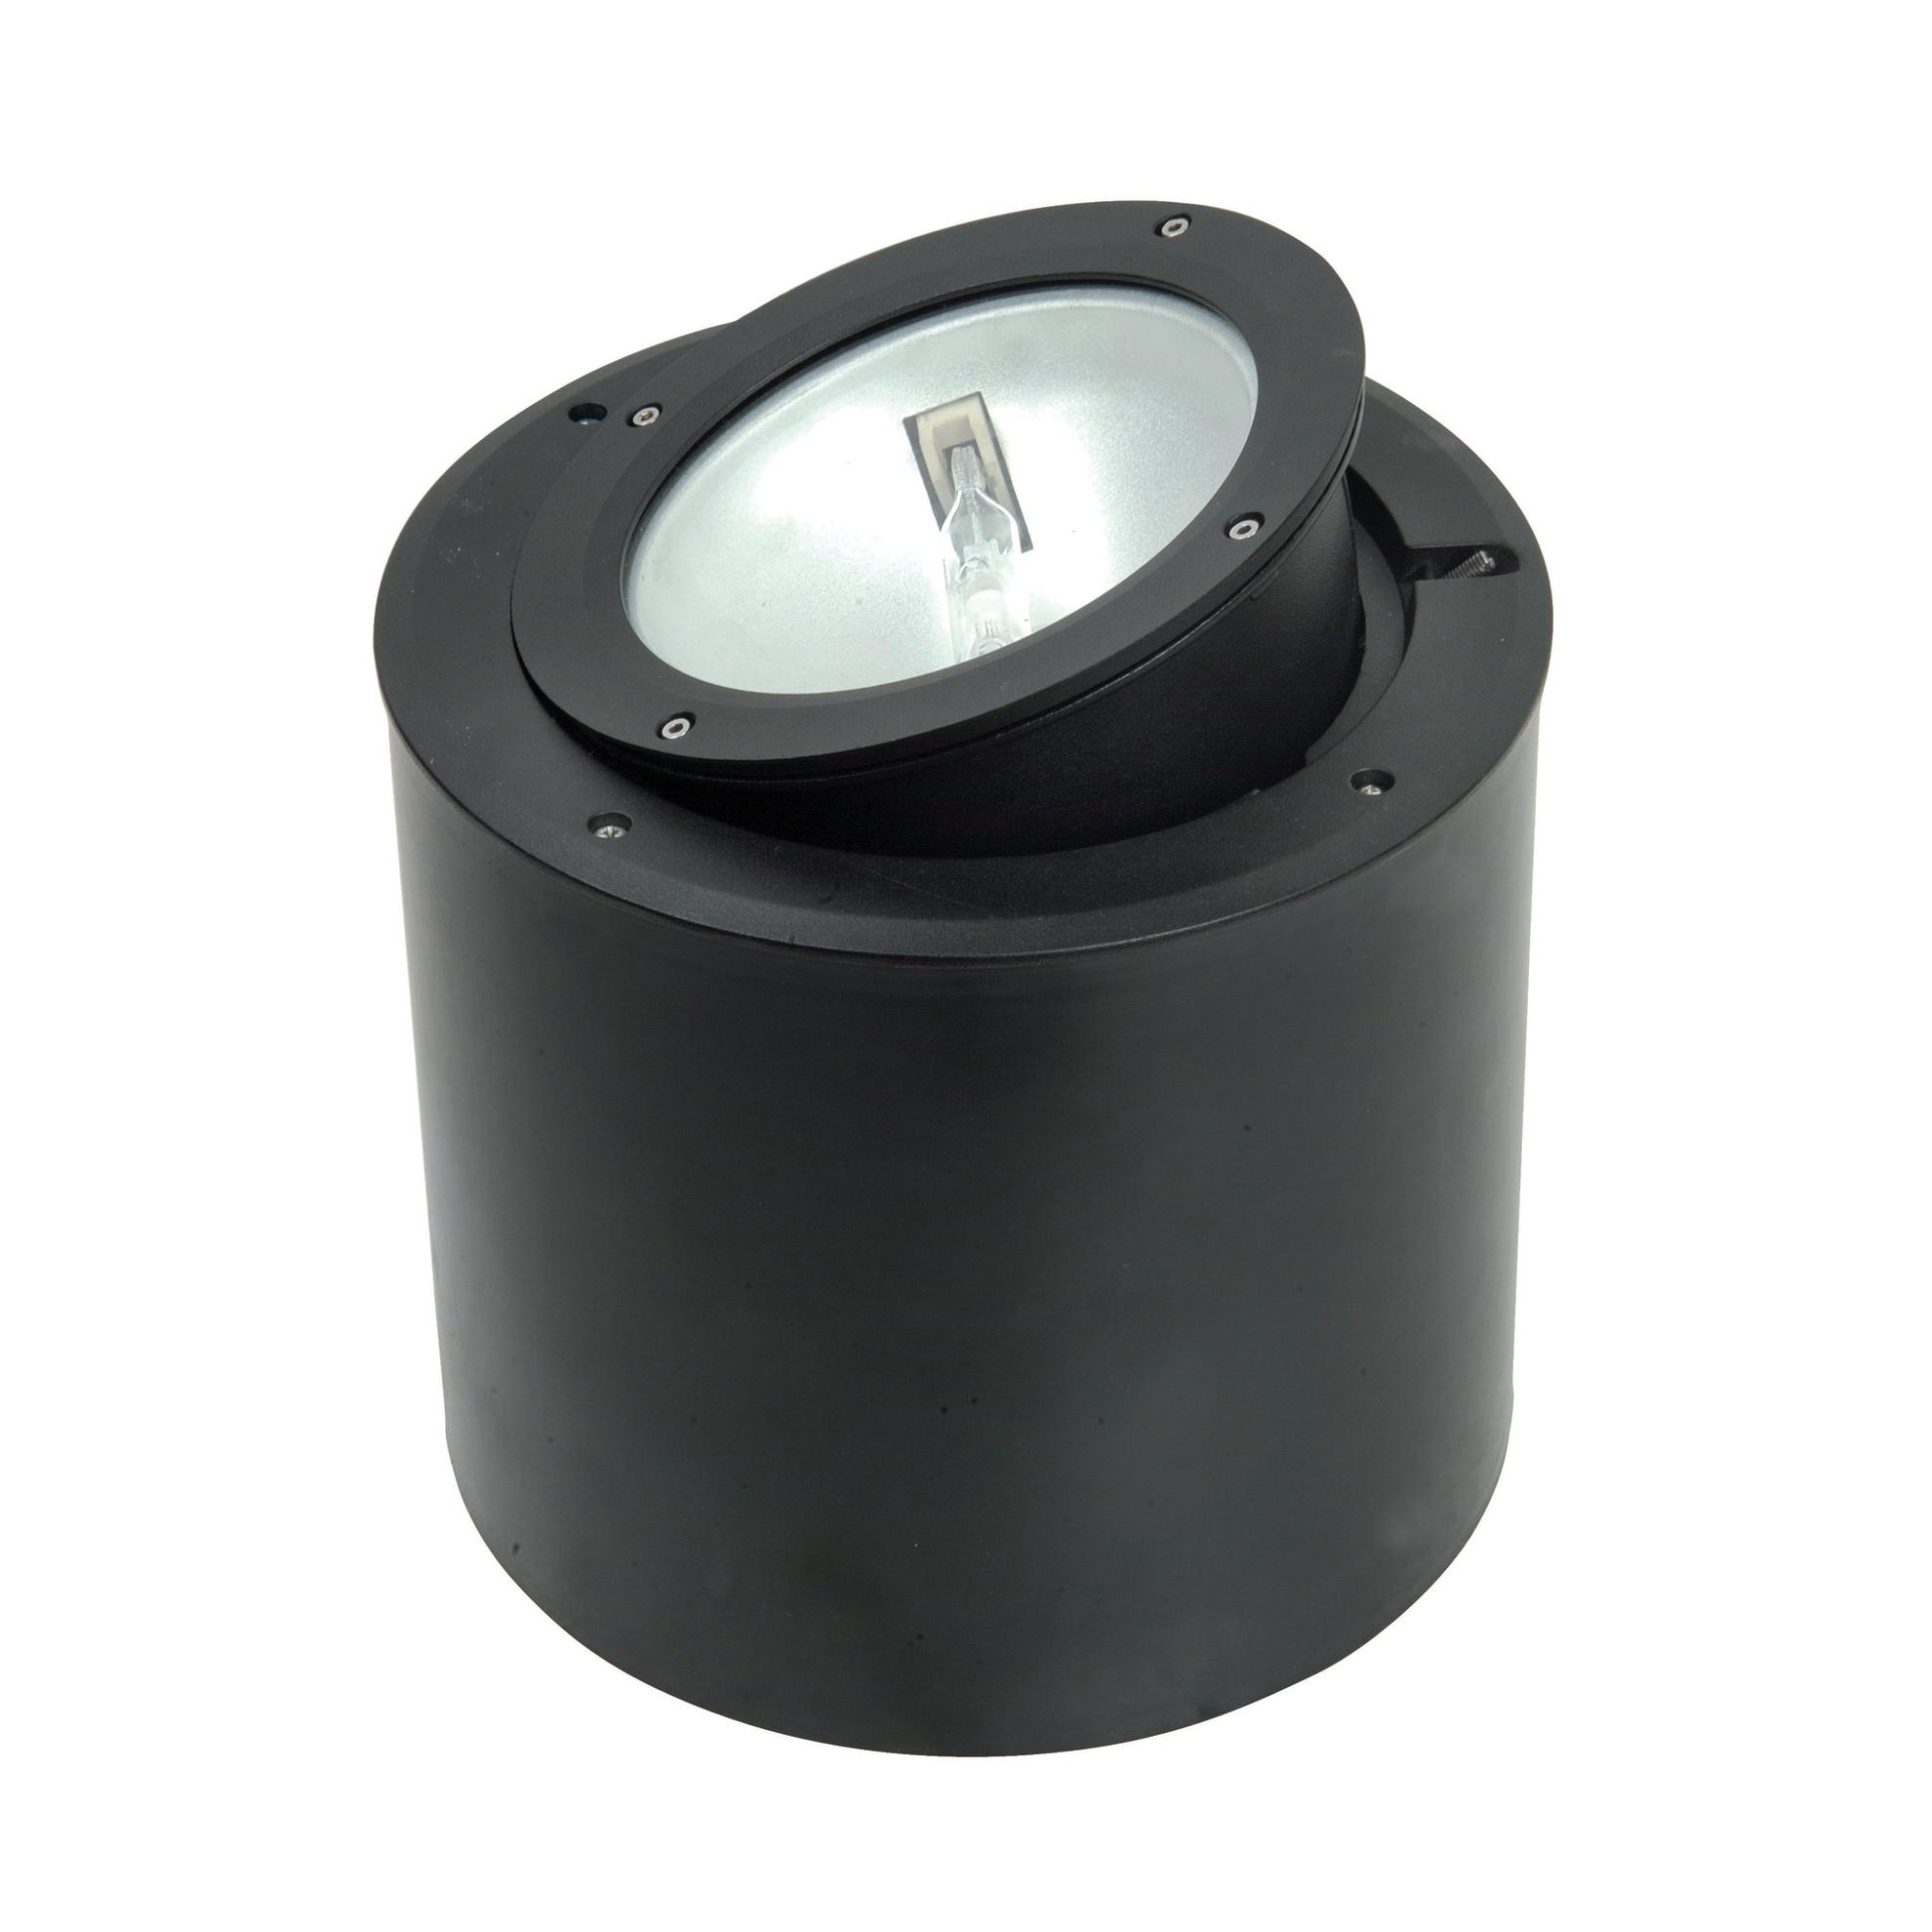 Faretti Pavimento Orientabili: 16548 - accessori beselettronica ...